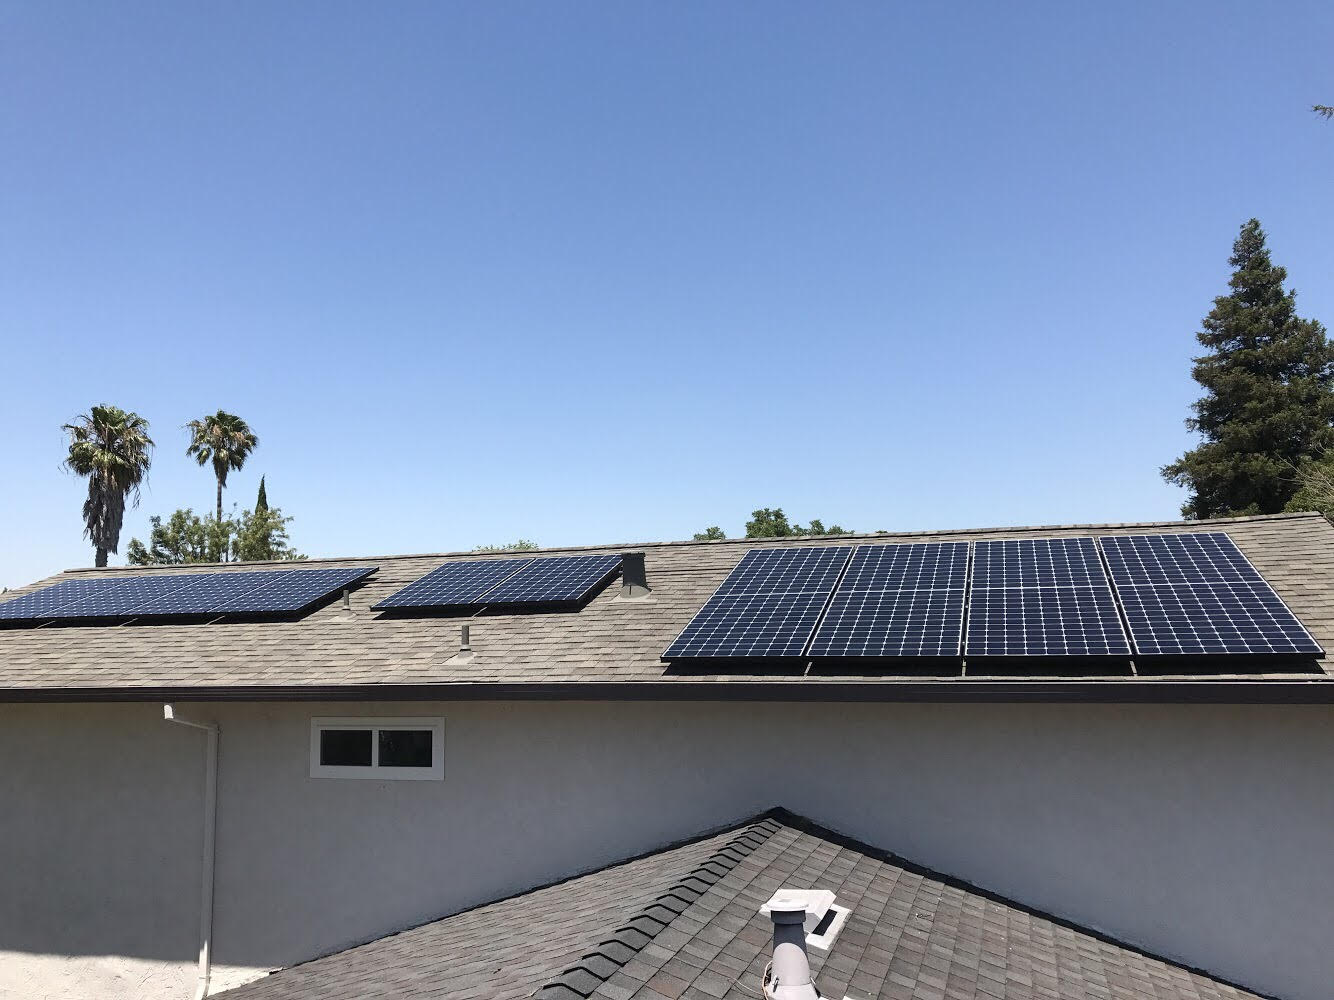 SunPower Solar Vacaville Install Steve K